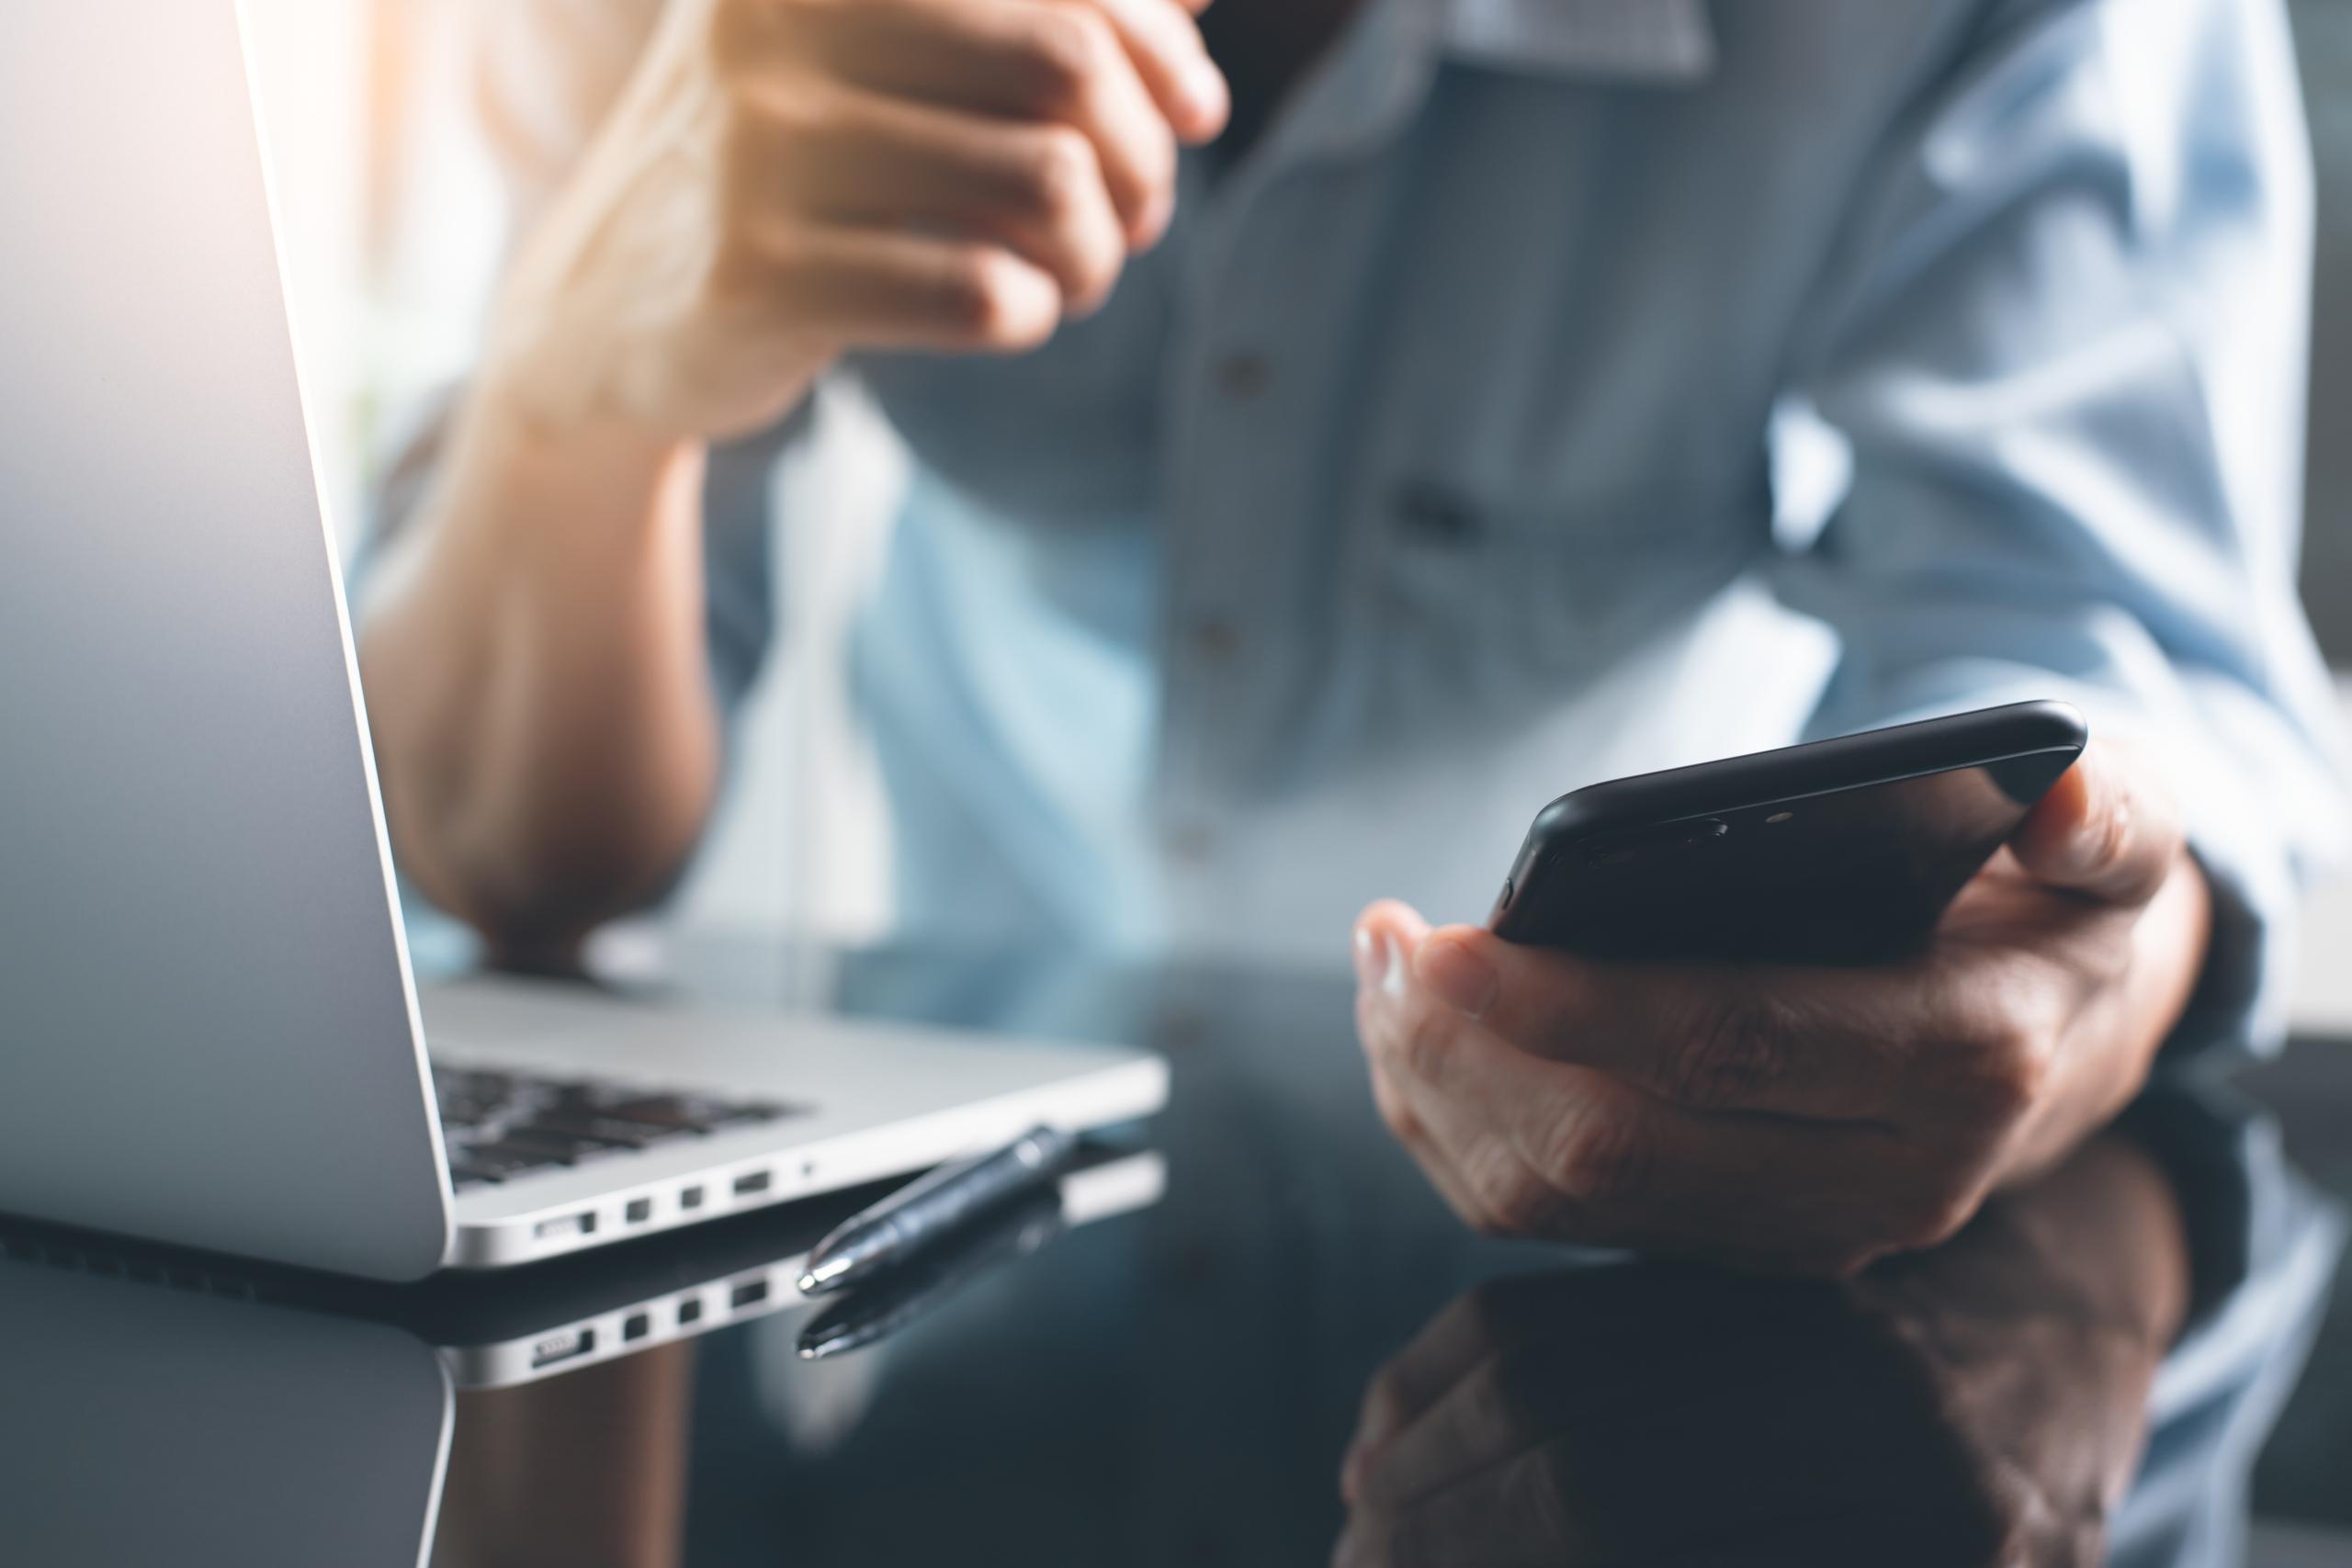 Bild: Mann mit Handy und Laptop